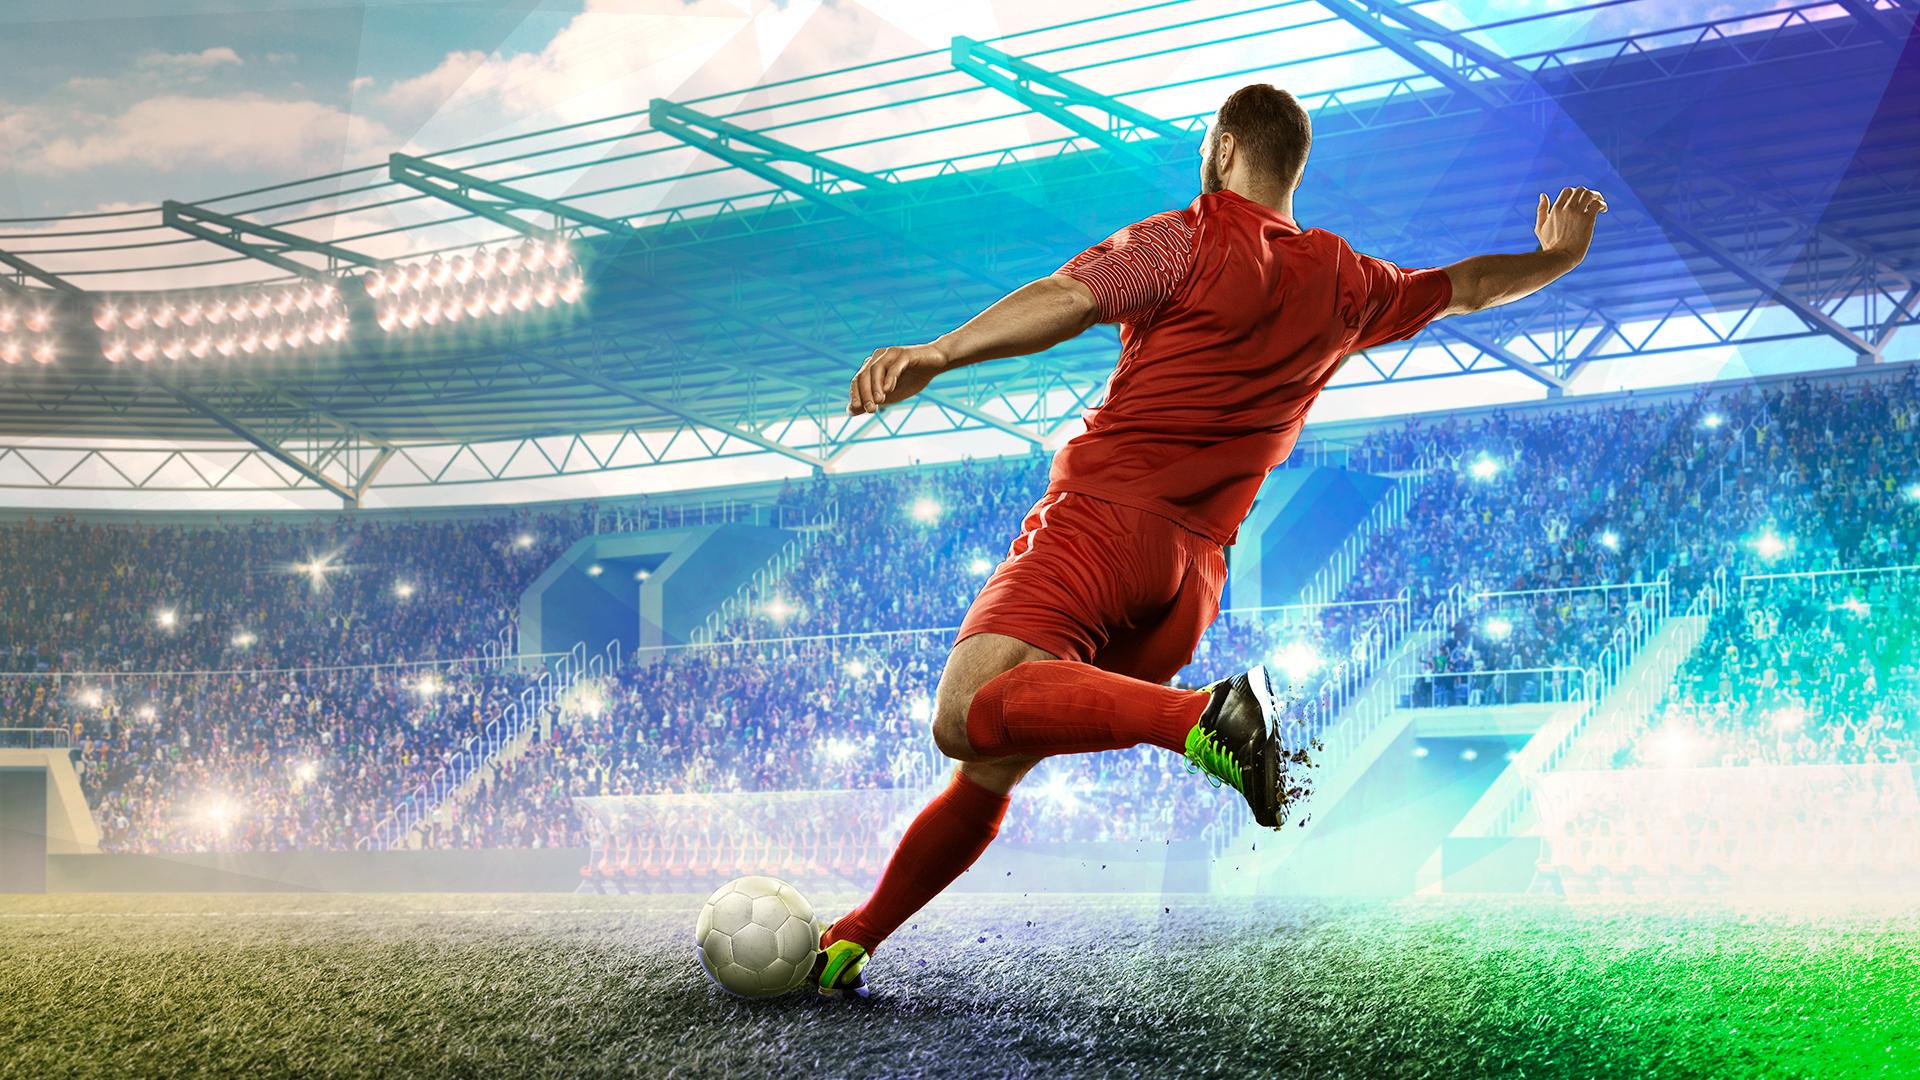 Fußball, Spieler, Tor, Wm, Team, Sportler, Fussball, Mannschaft, EM, UEFA, Fussball-WM, Ball, EM 2021, Europa League, UEFA EURO 2021, Fussballspieler, Stadium